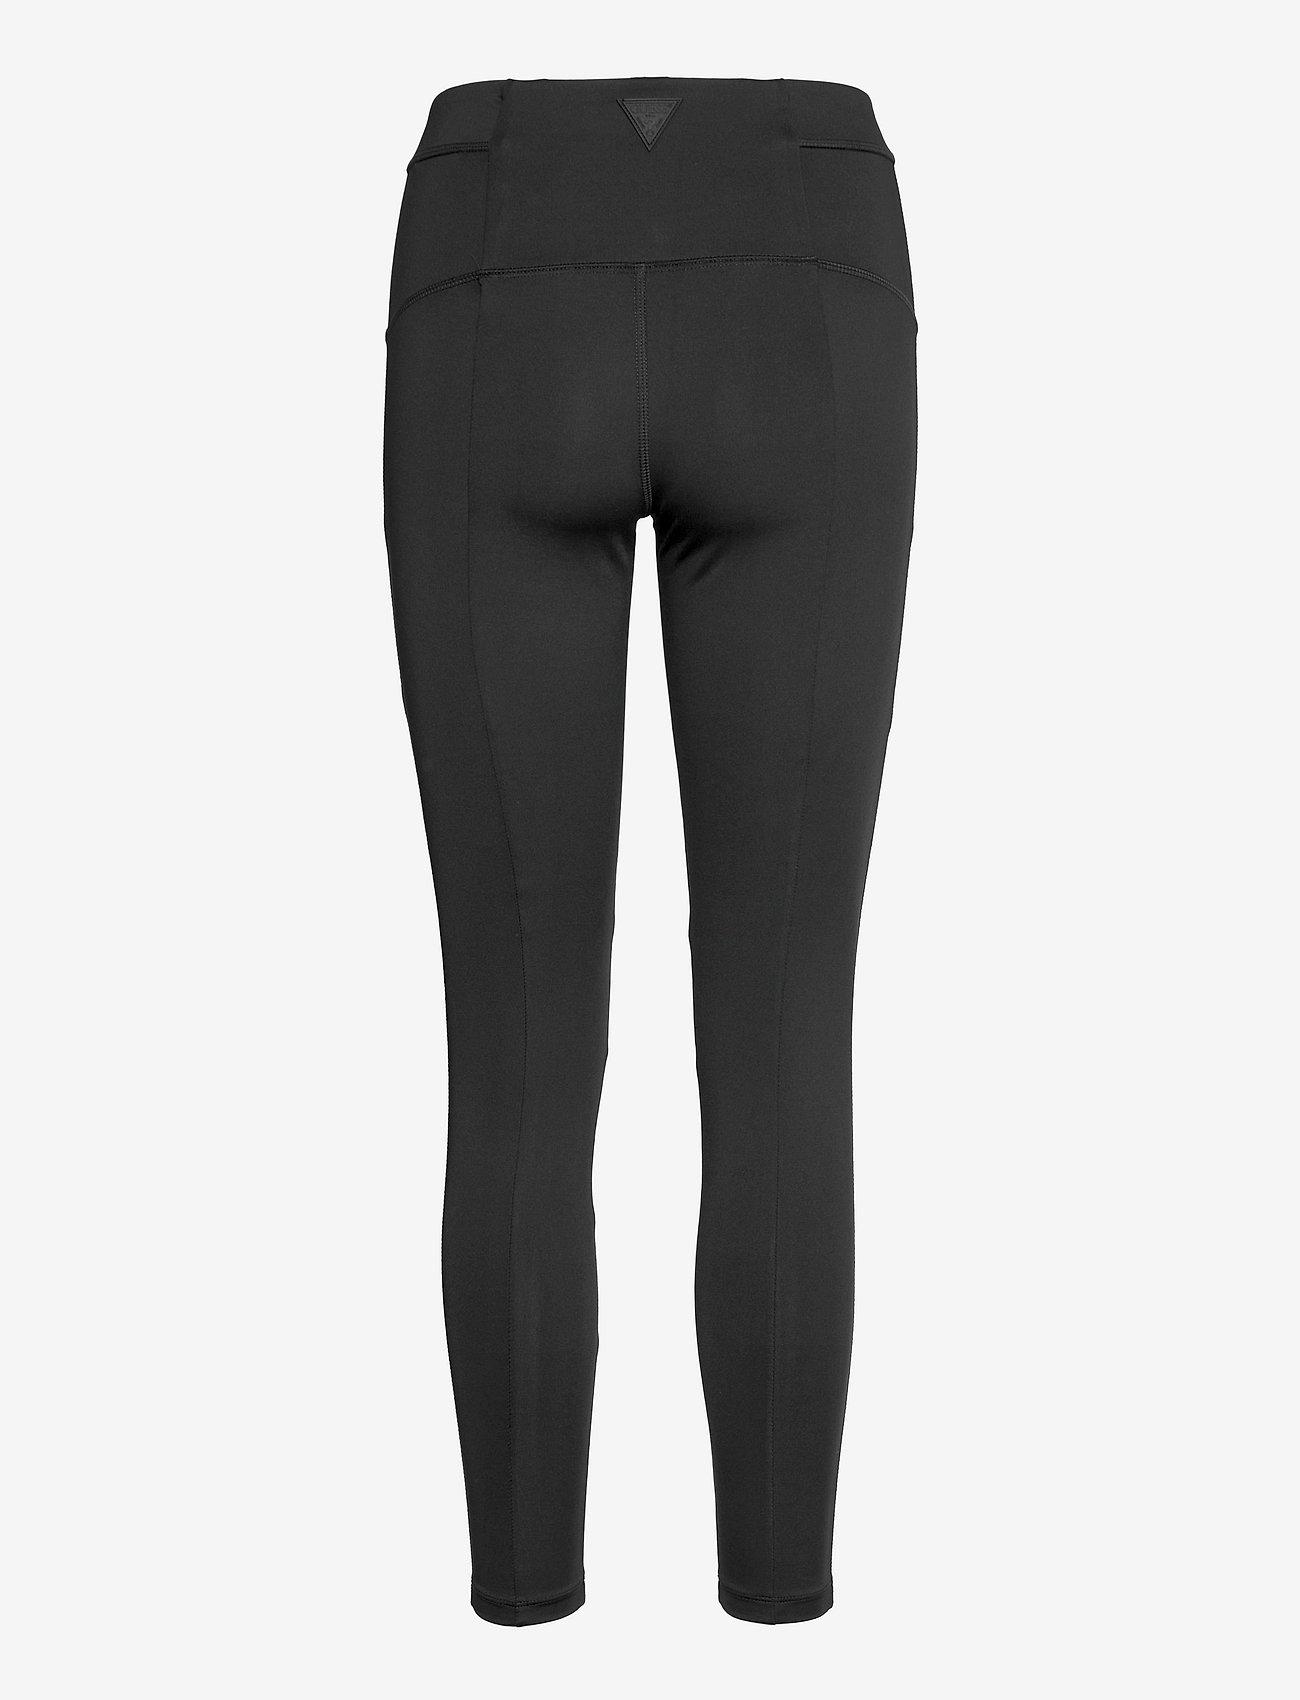 Guess Activewear - ANGELICA LEGGINGS 4/4 - löpnings- och träningstights - jet black a996 - 1